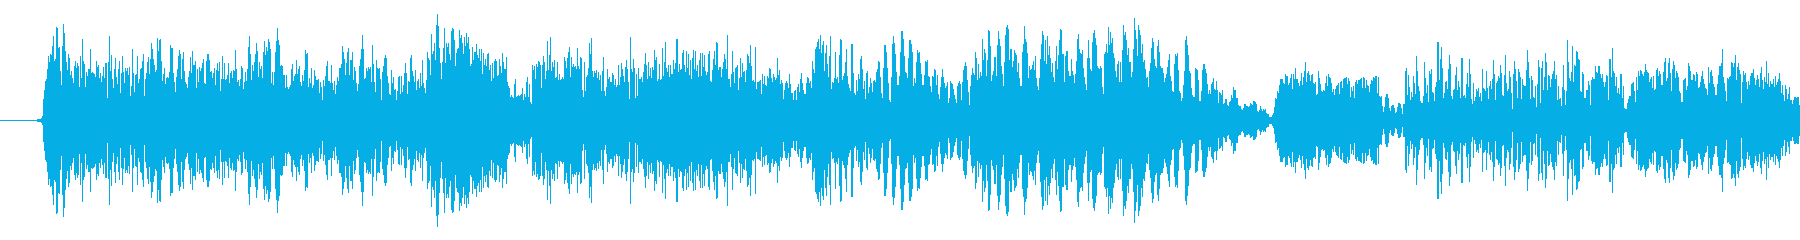 スイッチストップの再生済みの波形